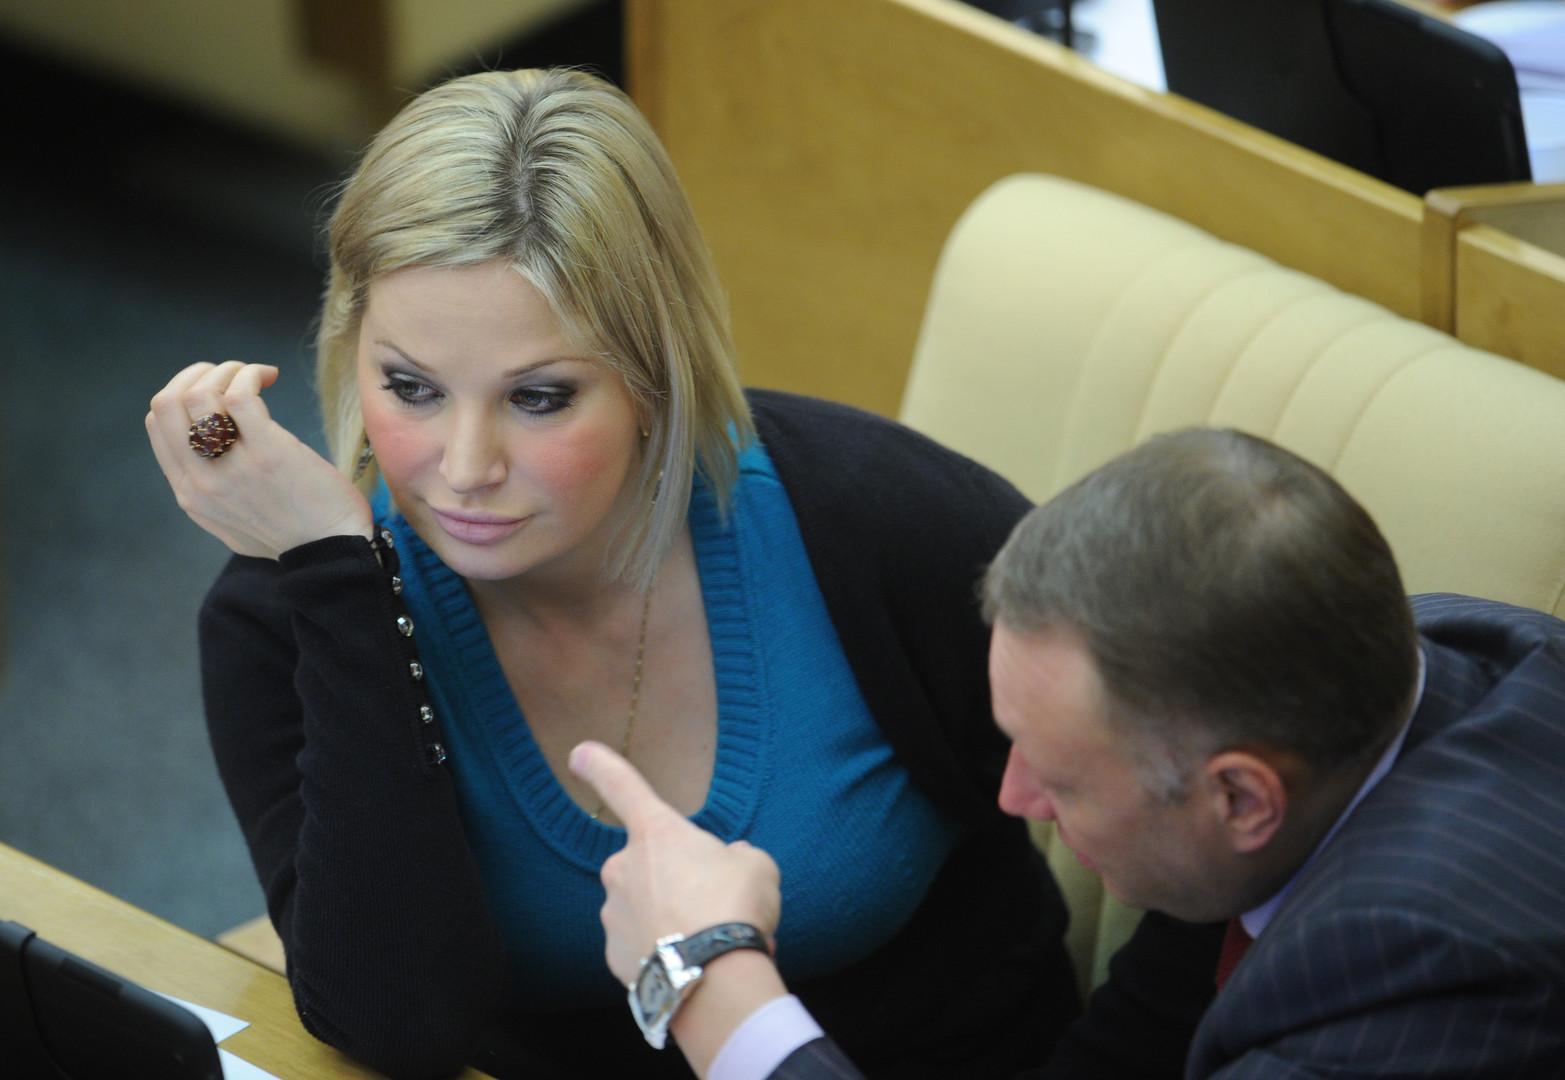 До 10 лет тюрьмы: депутат Госдумы рассказала RT о законопроекте против женского обрезания